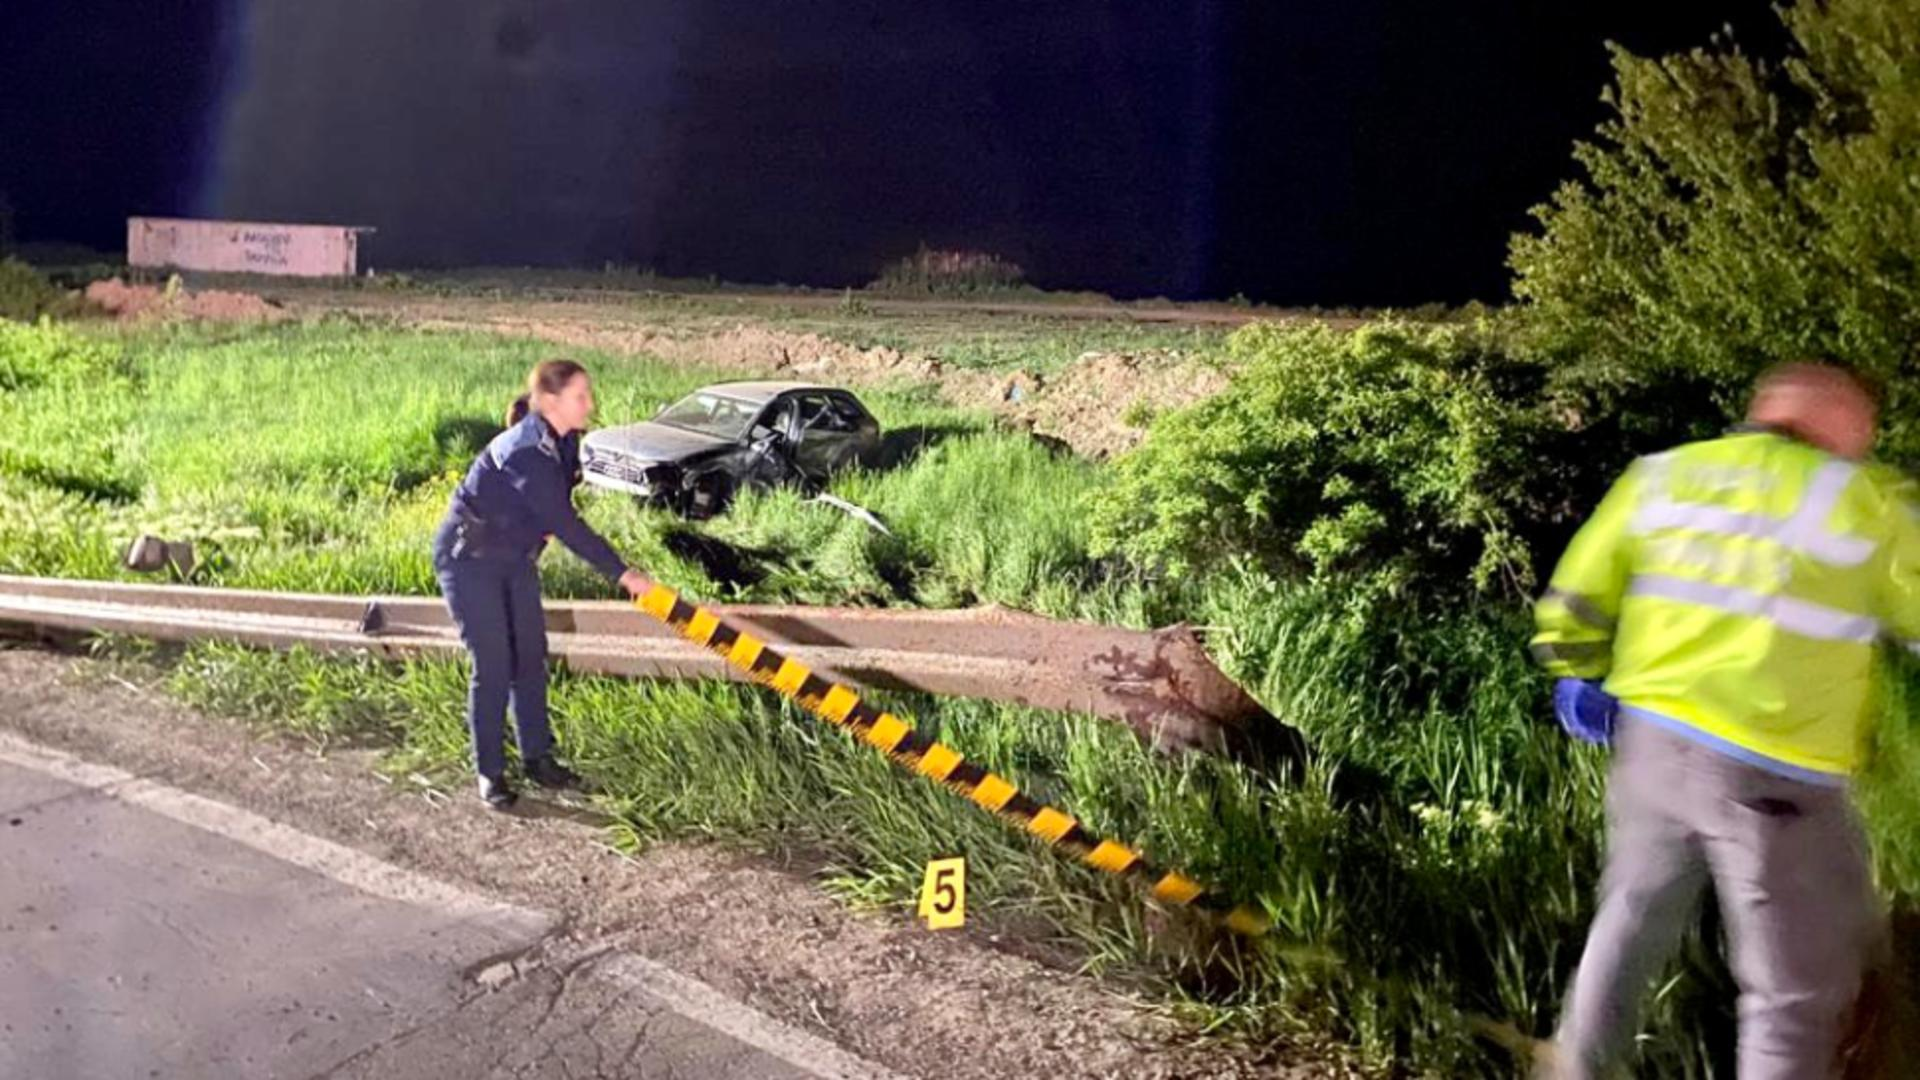 Cinci tineri din judeţul Botoşani sunt în stare gravă după ce maşina în care se aflau a căzut într-o râpă. Foto/ISU